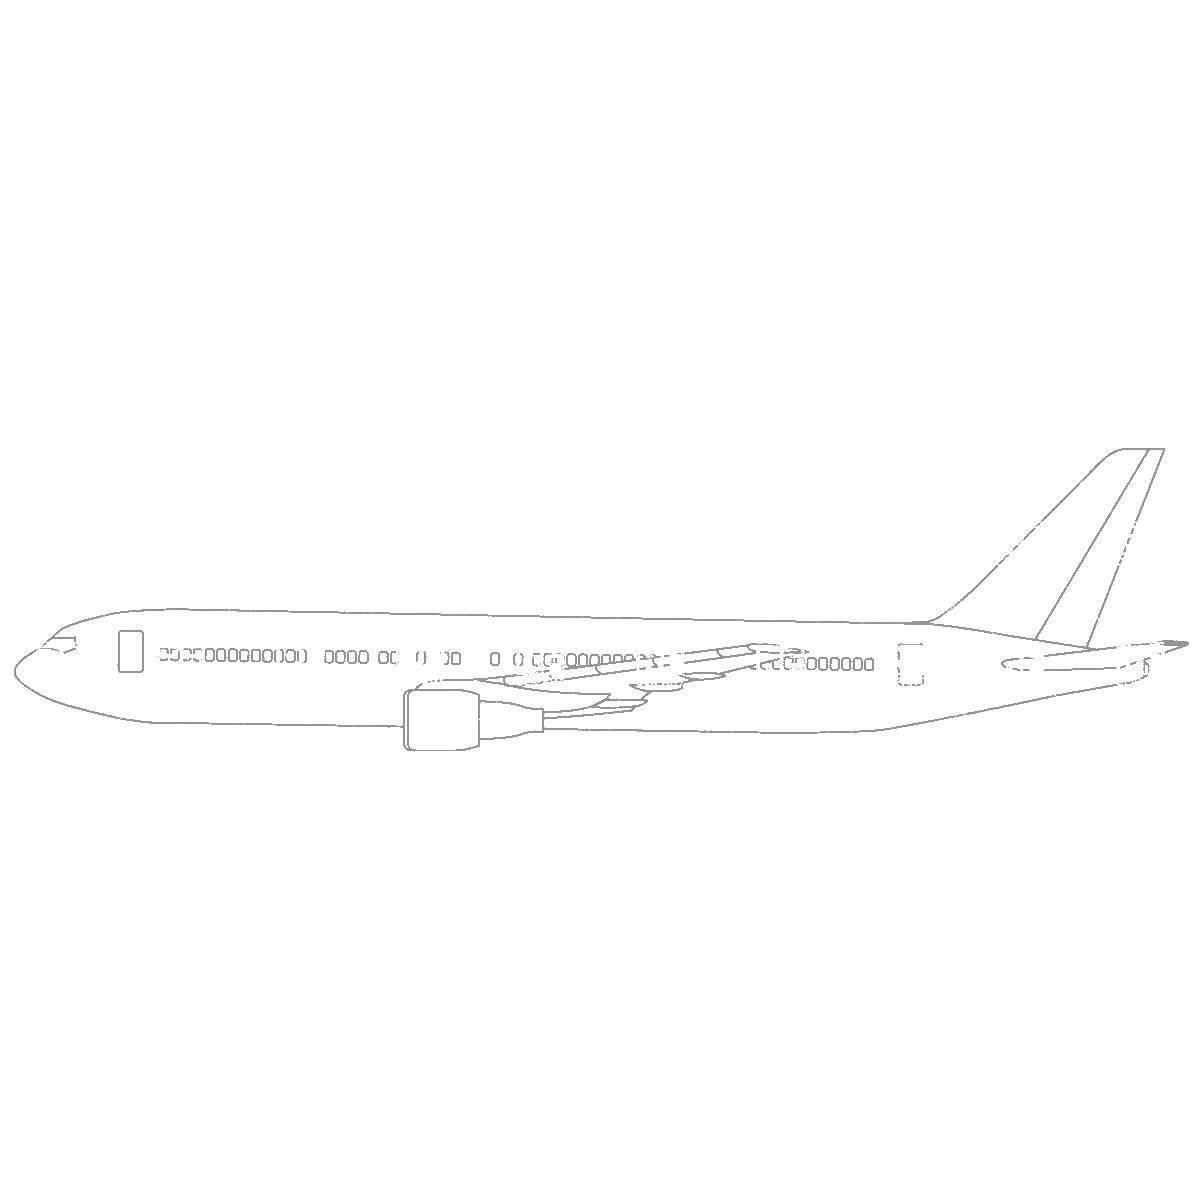 Раскраска Длинный самолет Скачать самолеты, самолет, пассажирский самолет.  Распечатать ,самолеты,